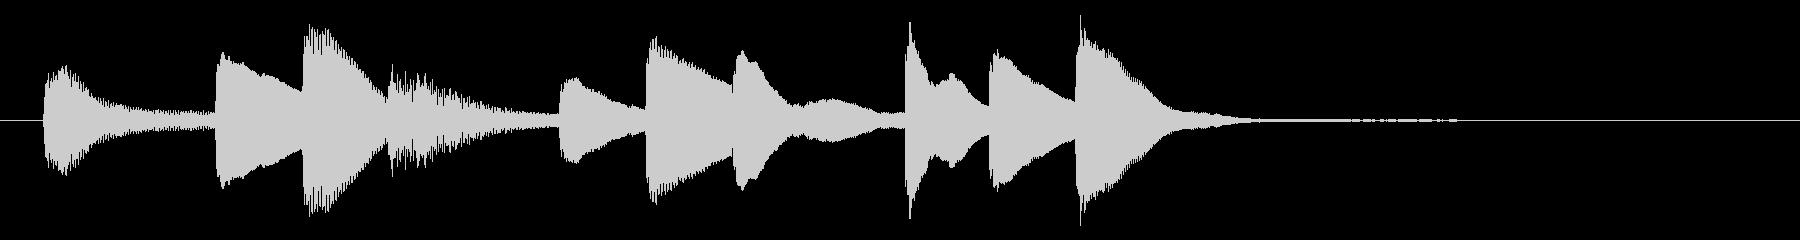 やわらかで優しいオルゴールのジングルの未再生の波形